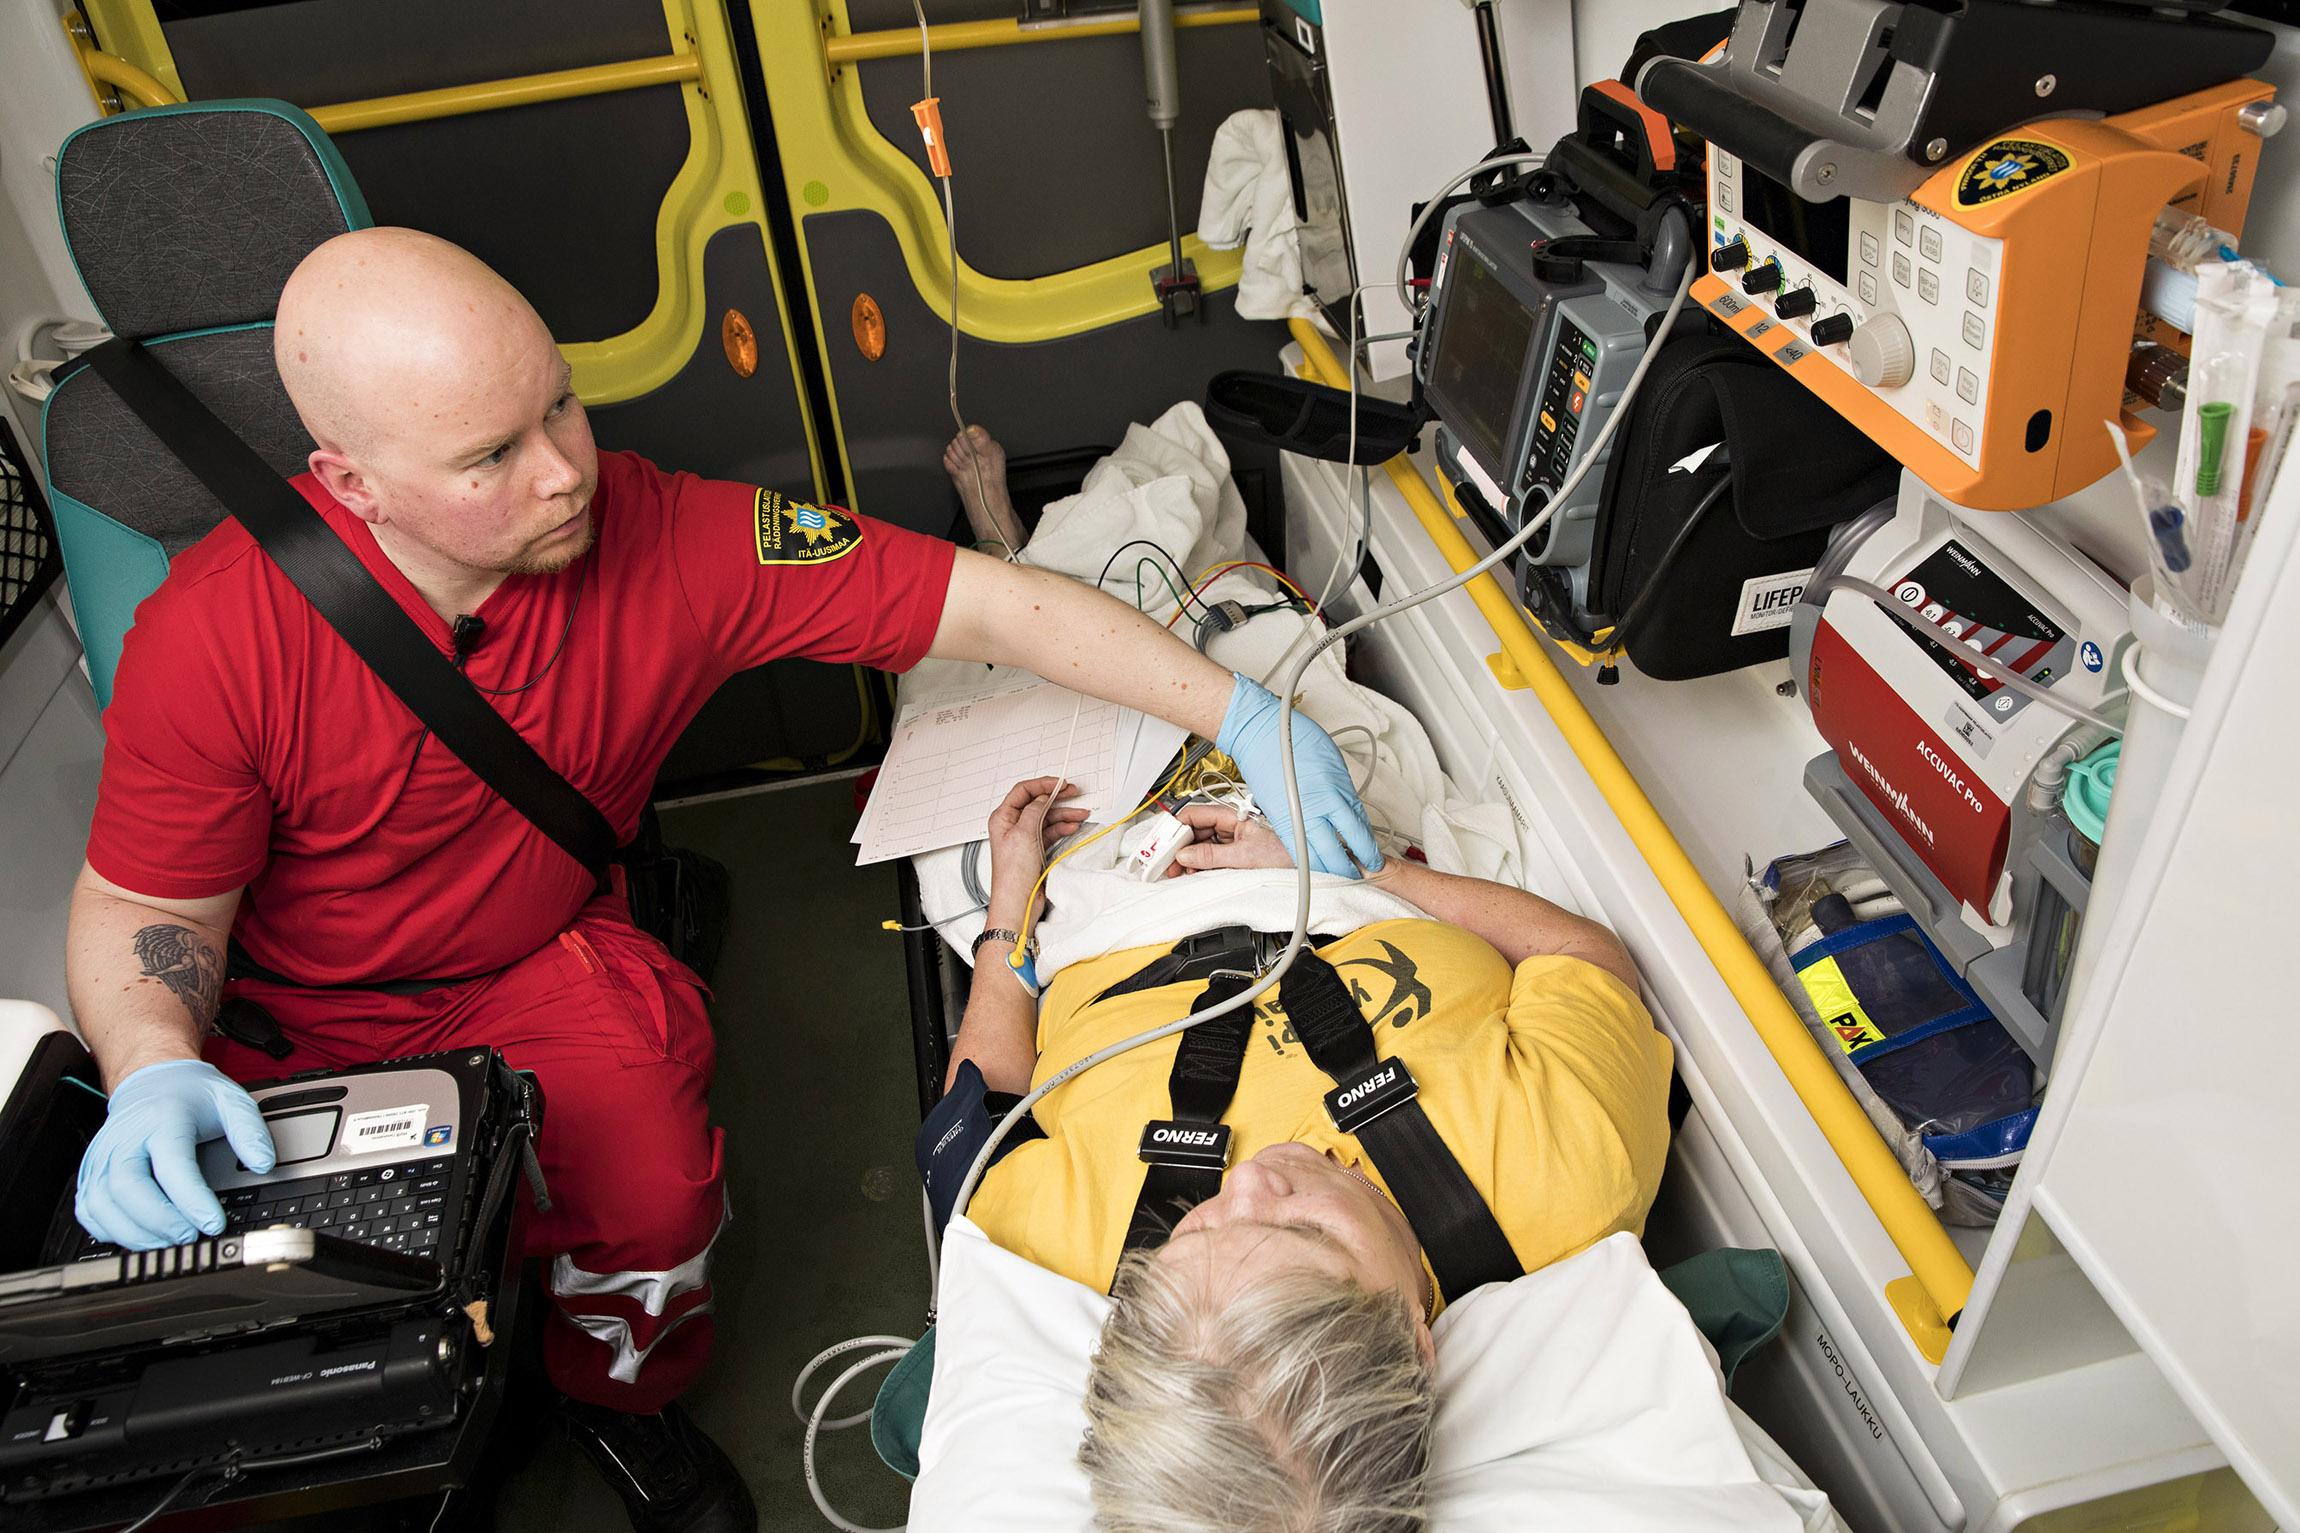 Ensihoitokertomus valmistuu matkalla sairaalaan. Samaan aikaan Timo Hänninen tarkkailee potilaan sydänkäyrää.